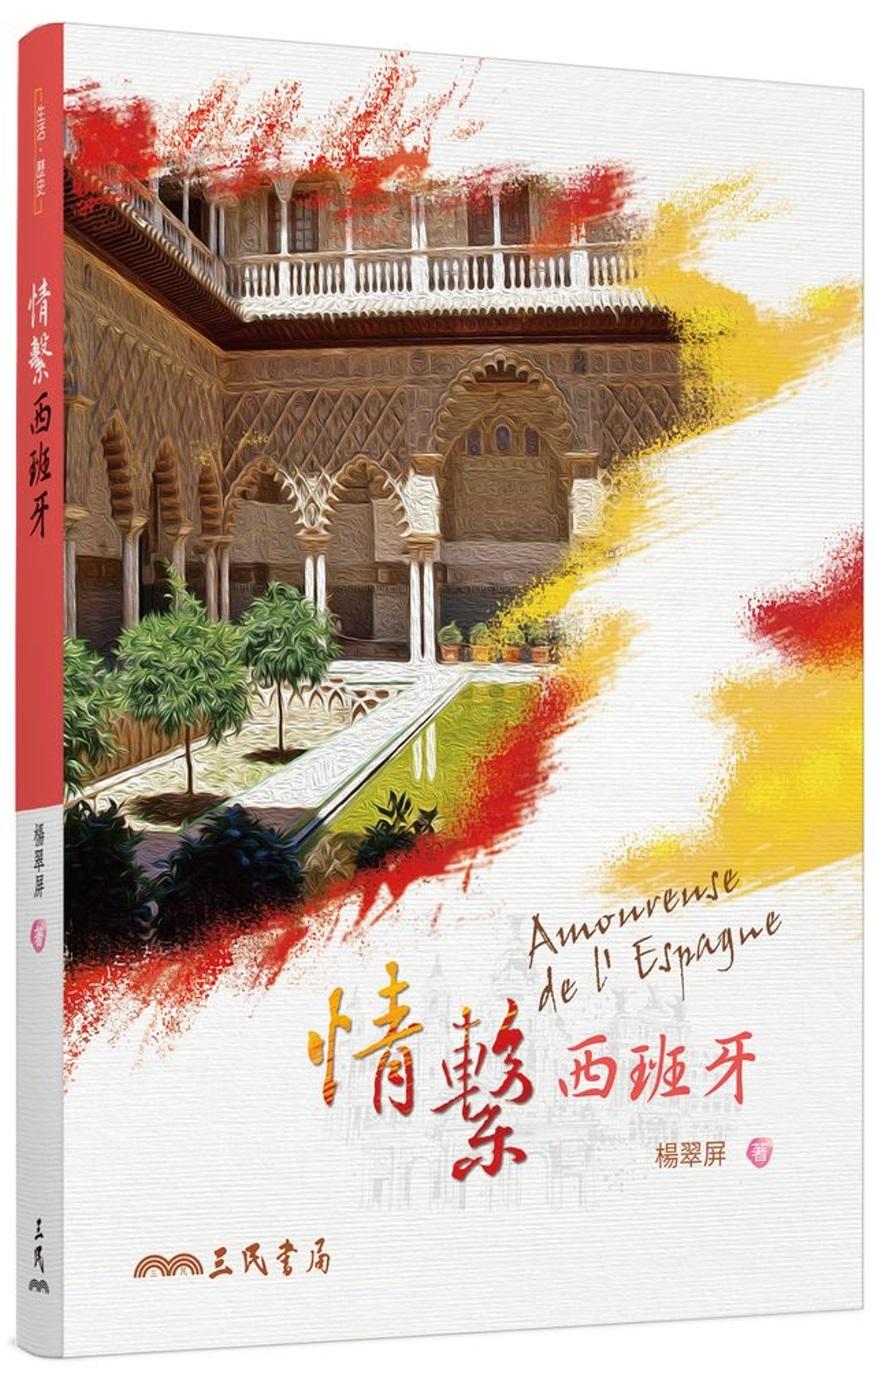 《情繫西班牙》 商品條碼,ISBN:9789571463629